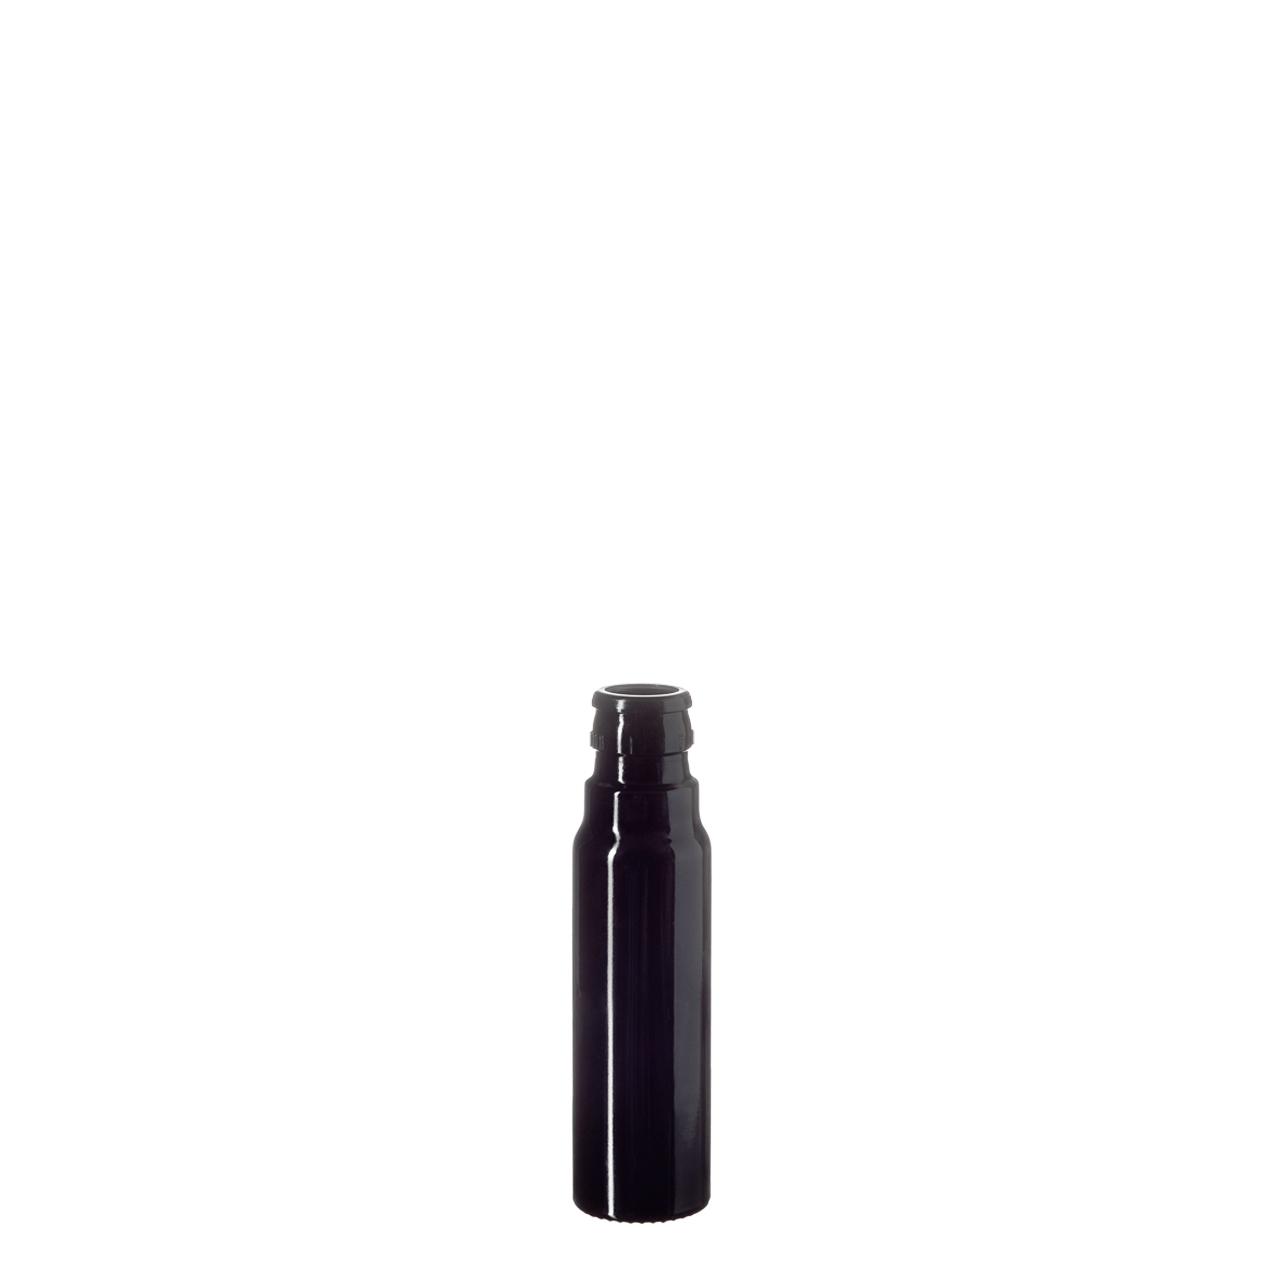 Oil bottle Pollux 100 ml, Miron, 29.4 CPR thread